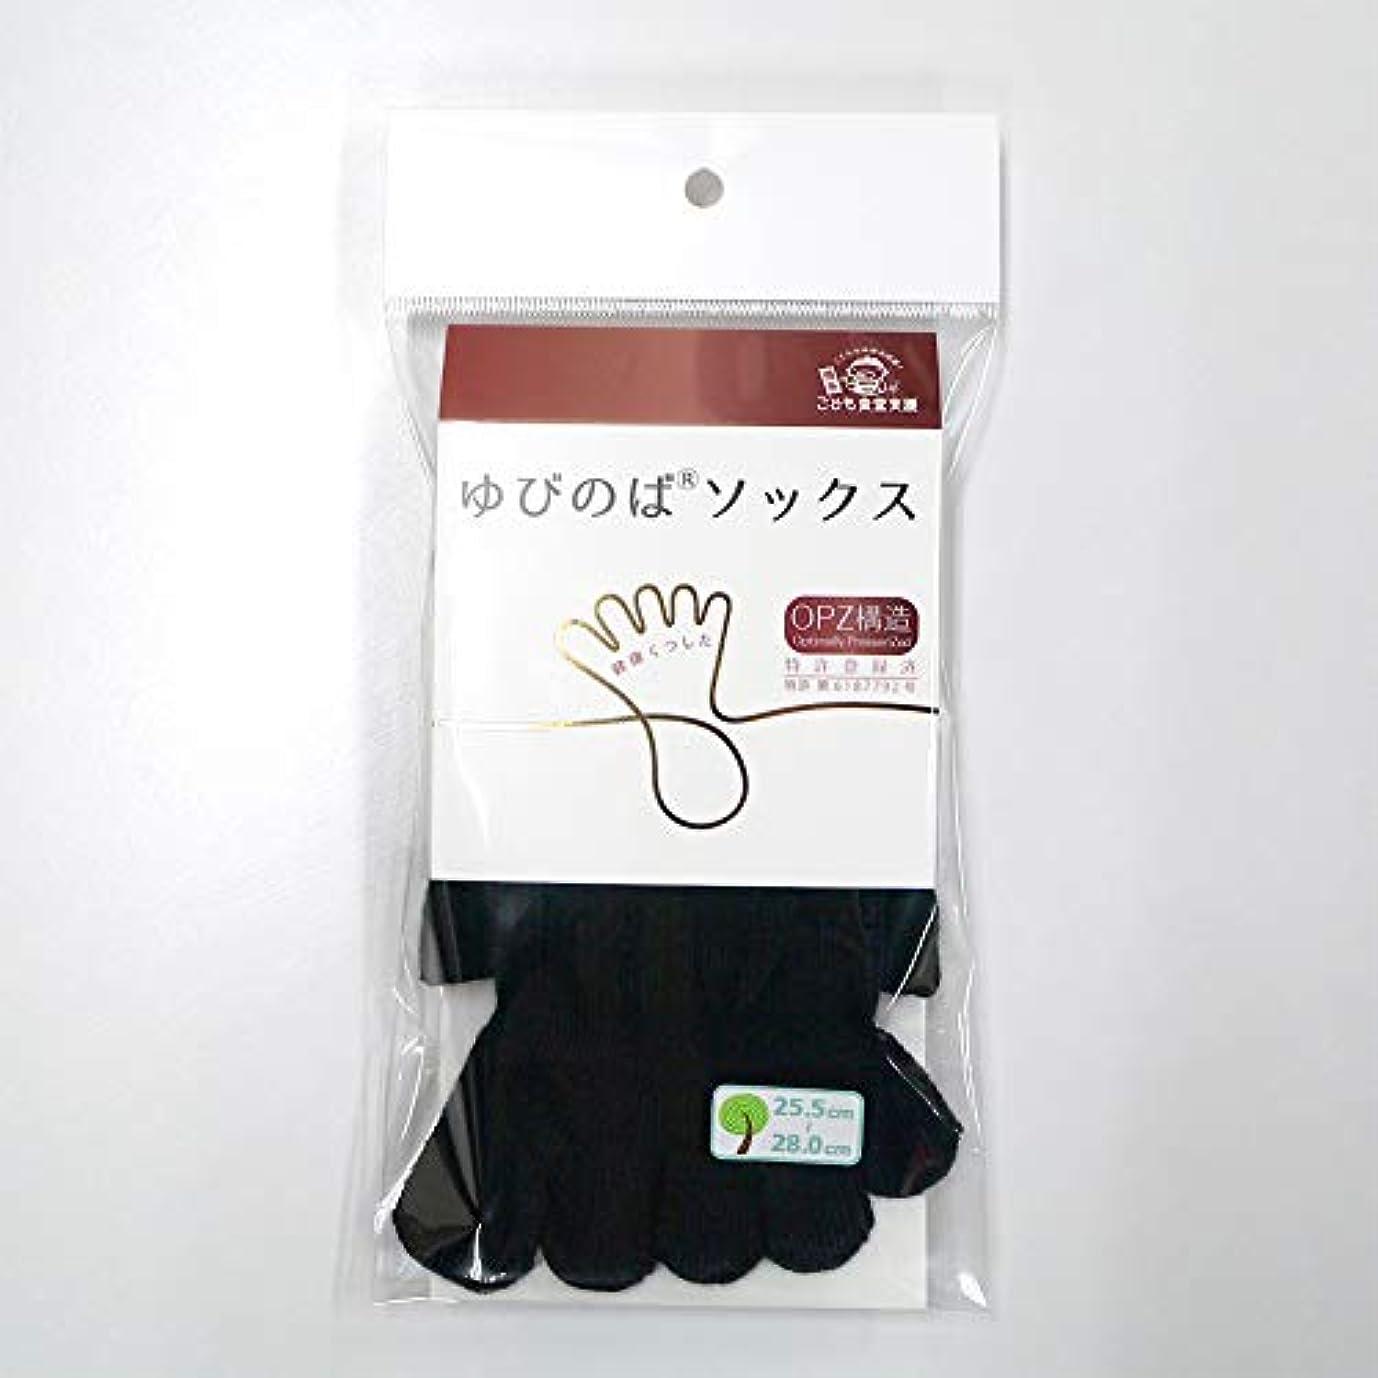 多用途サルベージ添付ひろのば(ゆびのば) ソックス スーパー(プレミアム) 着圧 矯正5本指ソックス M(男性または足長24.5cm以上の方用) ブラック 標準パッケージ